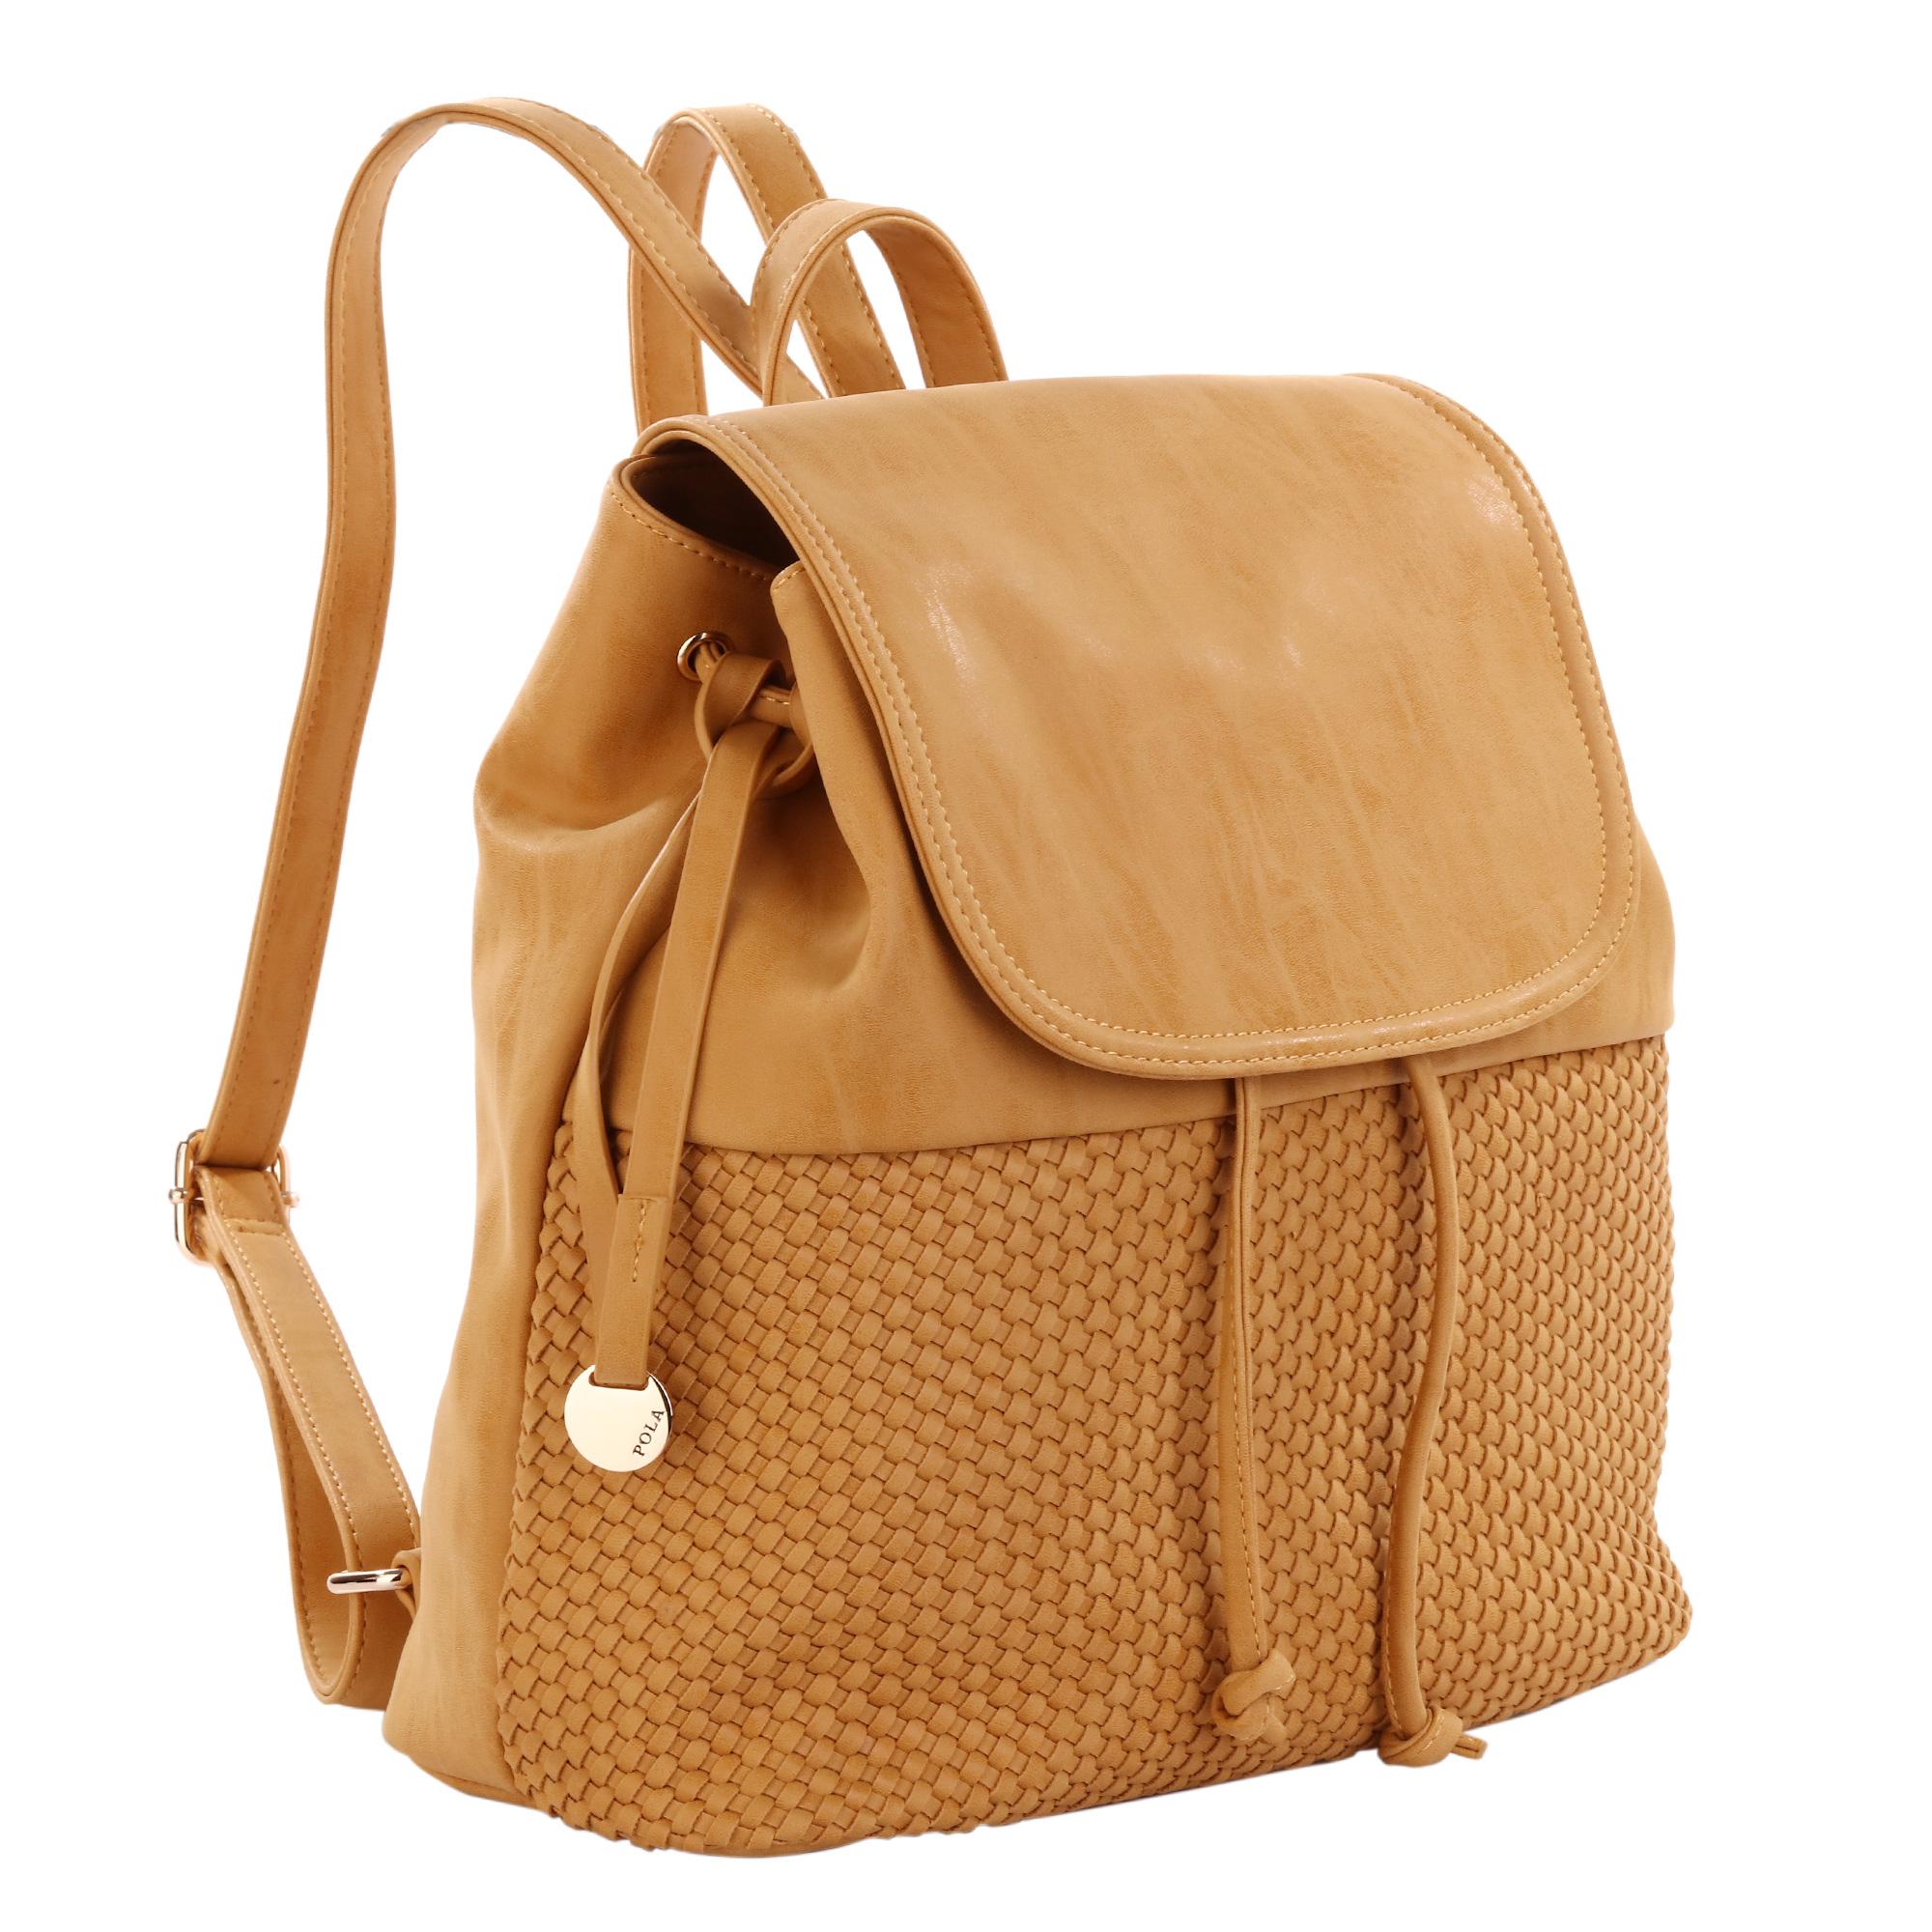 cb44a5e6d276 Хотите купить женскую сумку, женская обувь » Эконика «Эконика» мужская сумка  baldinini купить занимает особое место среди производителей модной ...